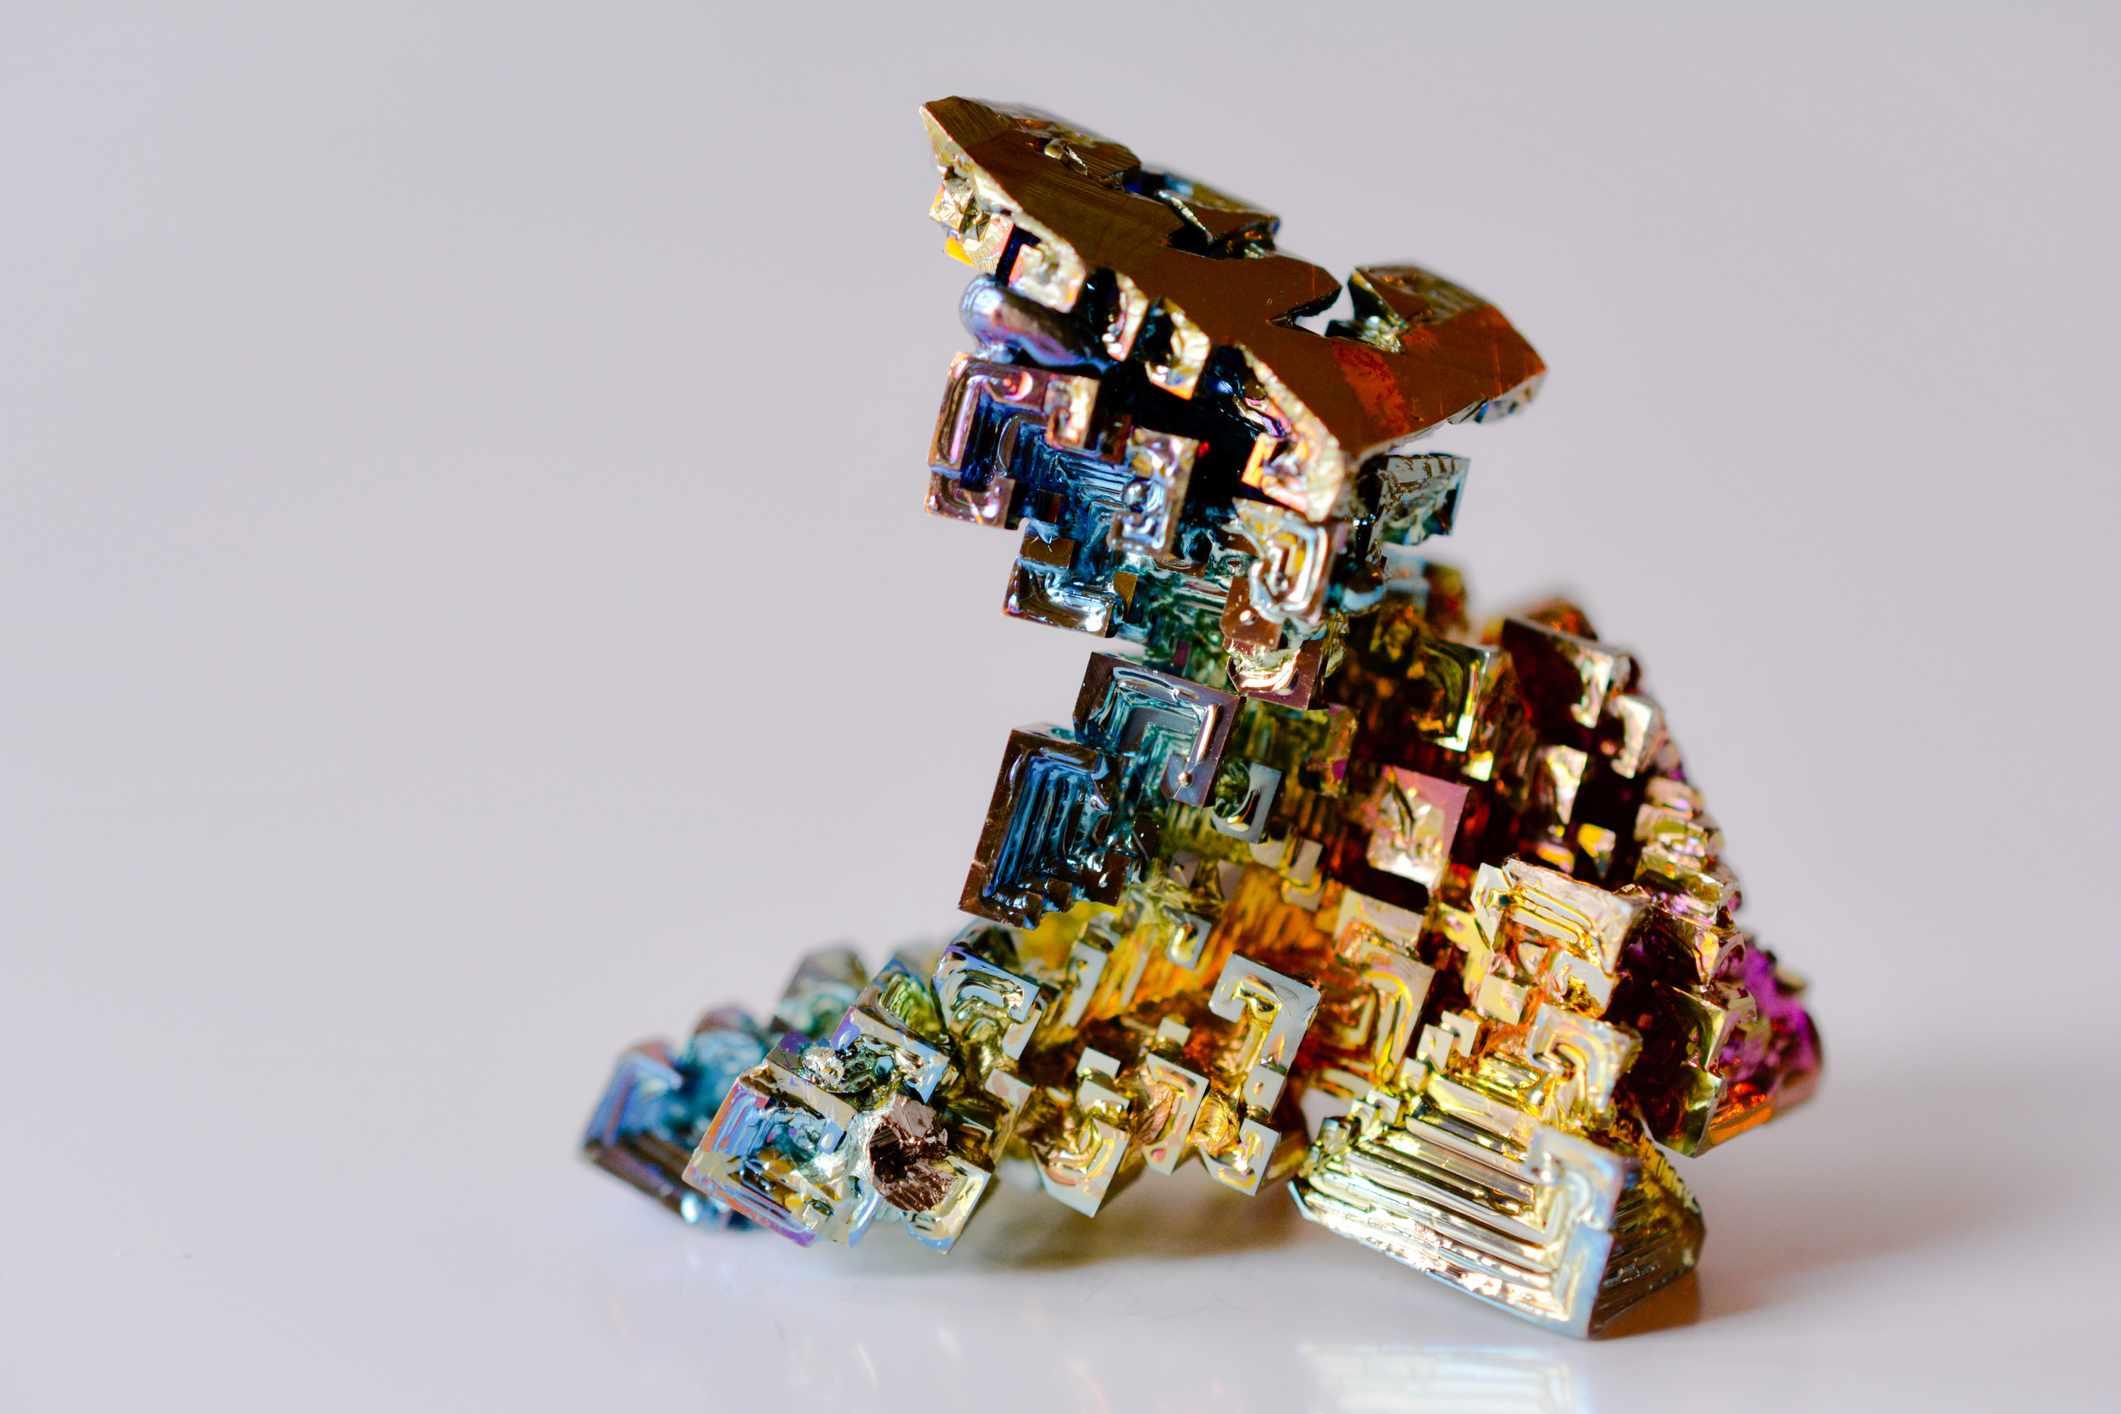 Oxidized bismuth crystal